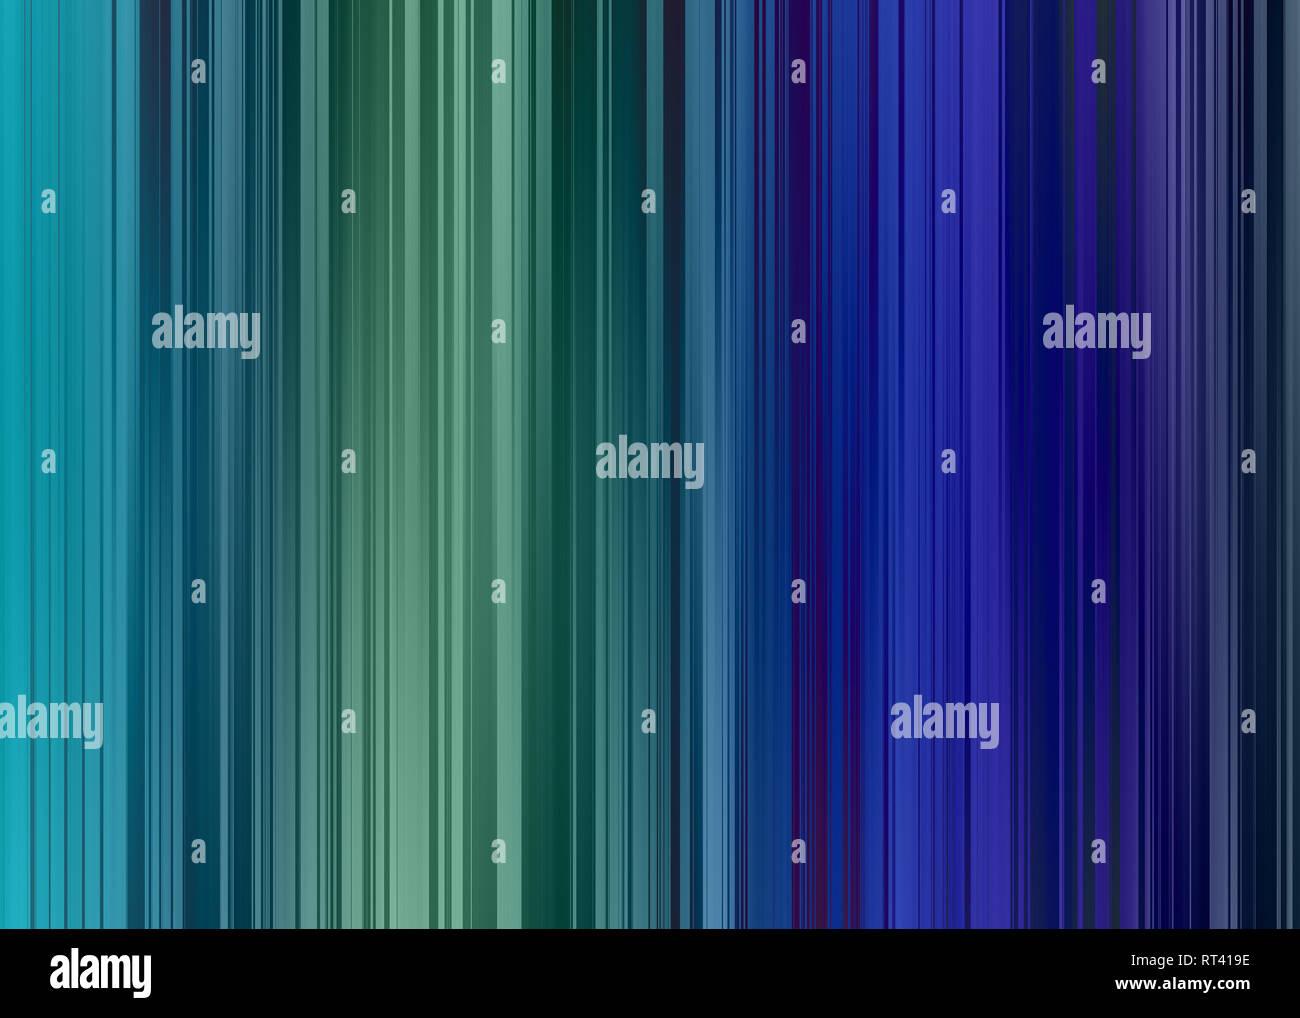 Abstract Blu Verde E Viola Linee Semplici Sfondo Foto Immagine